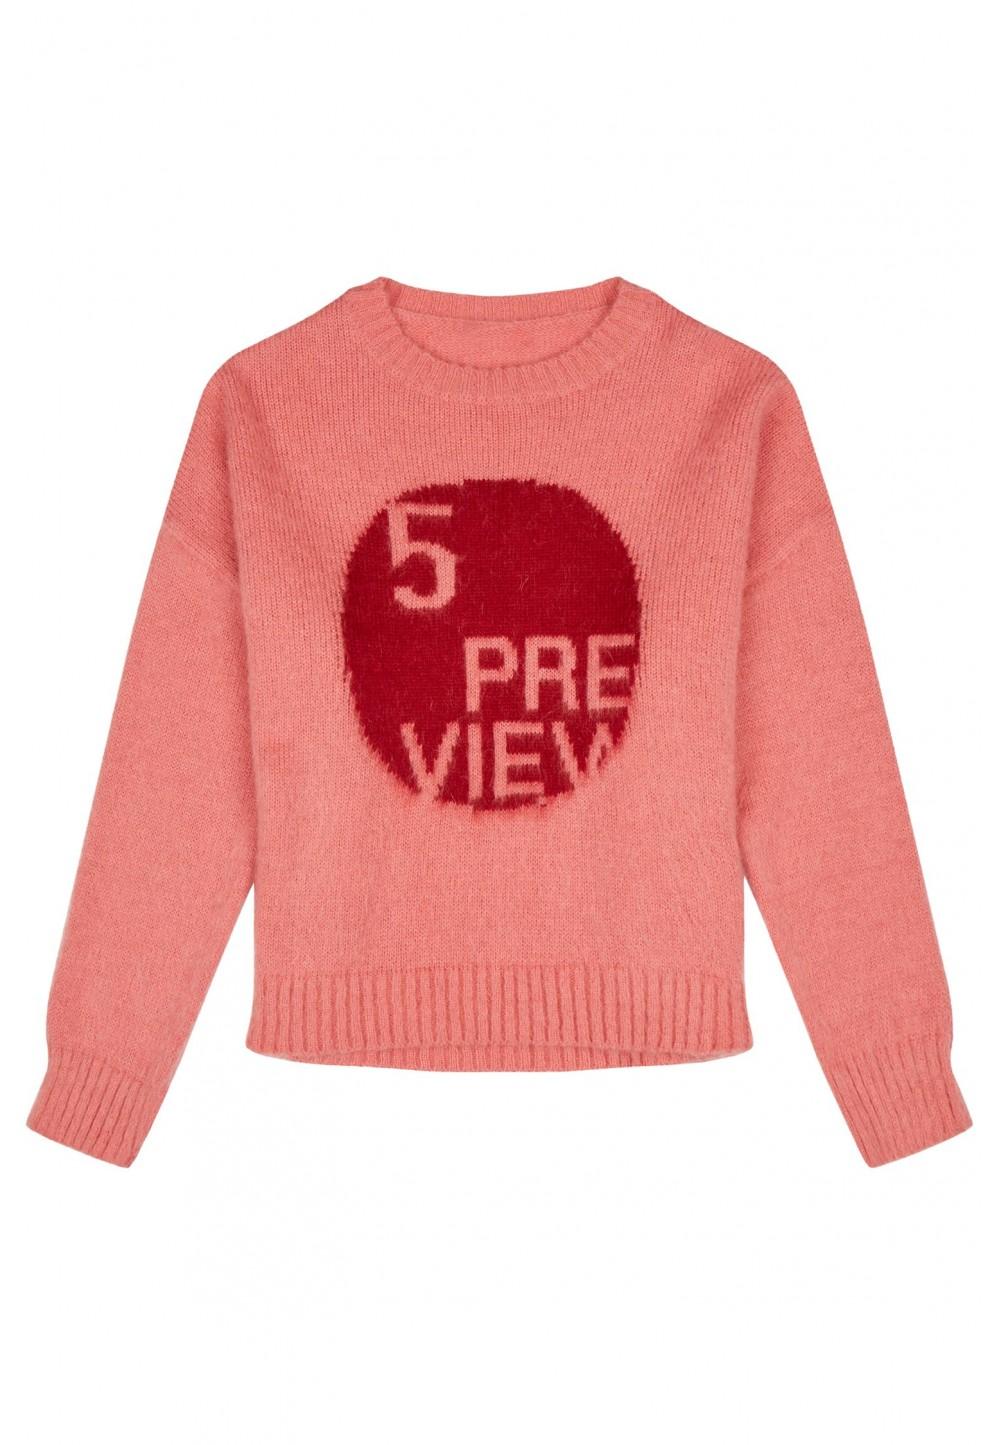 Персиковый свитер с принтом